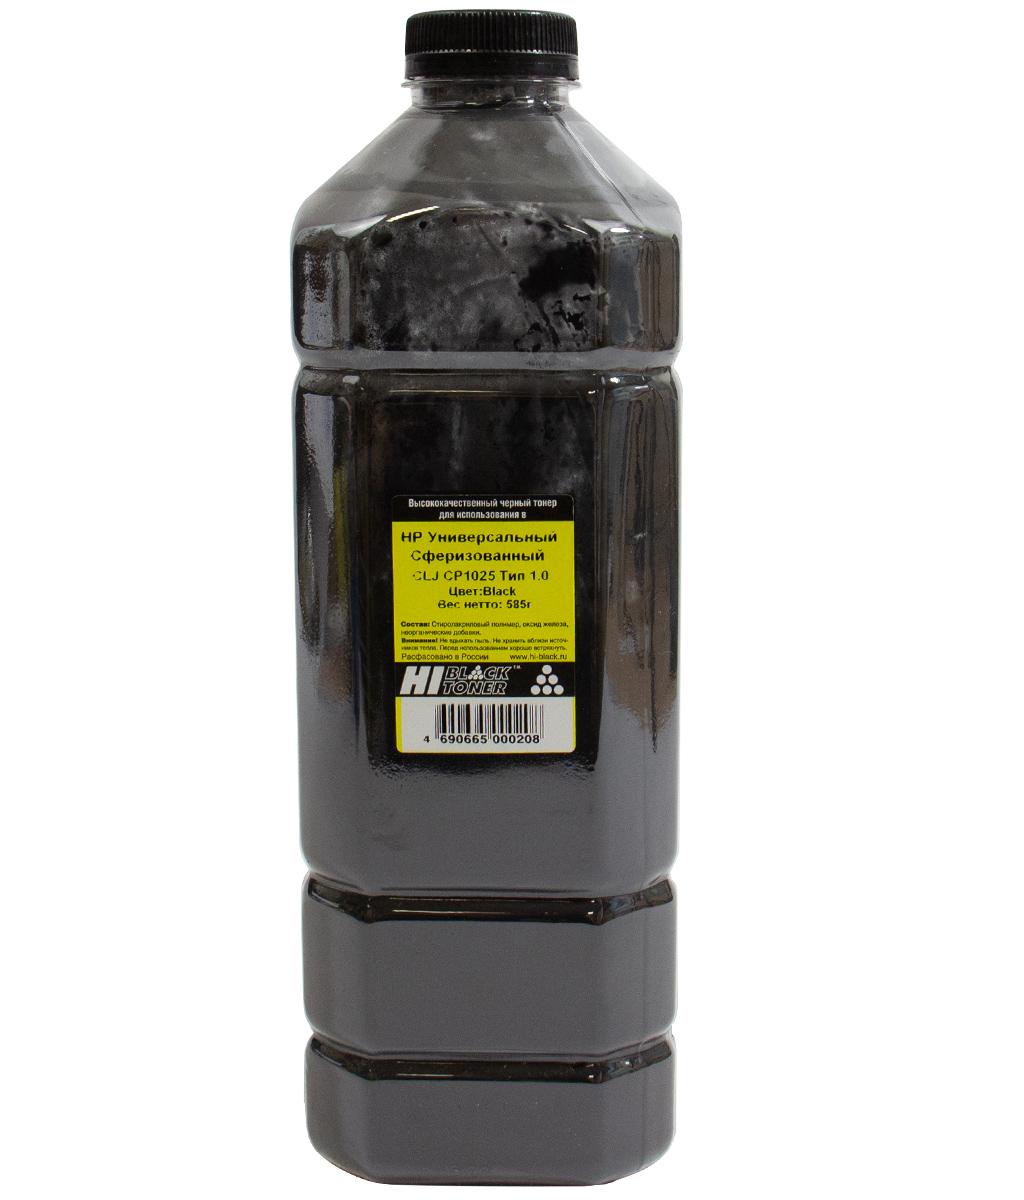 Тонер Hi-Black Универсальный для HP CLJ CP1025, Сферизованный, Тип 1.0, Bk, 585г, канистра